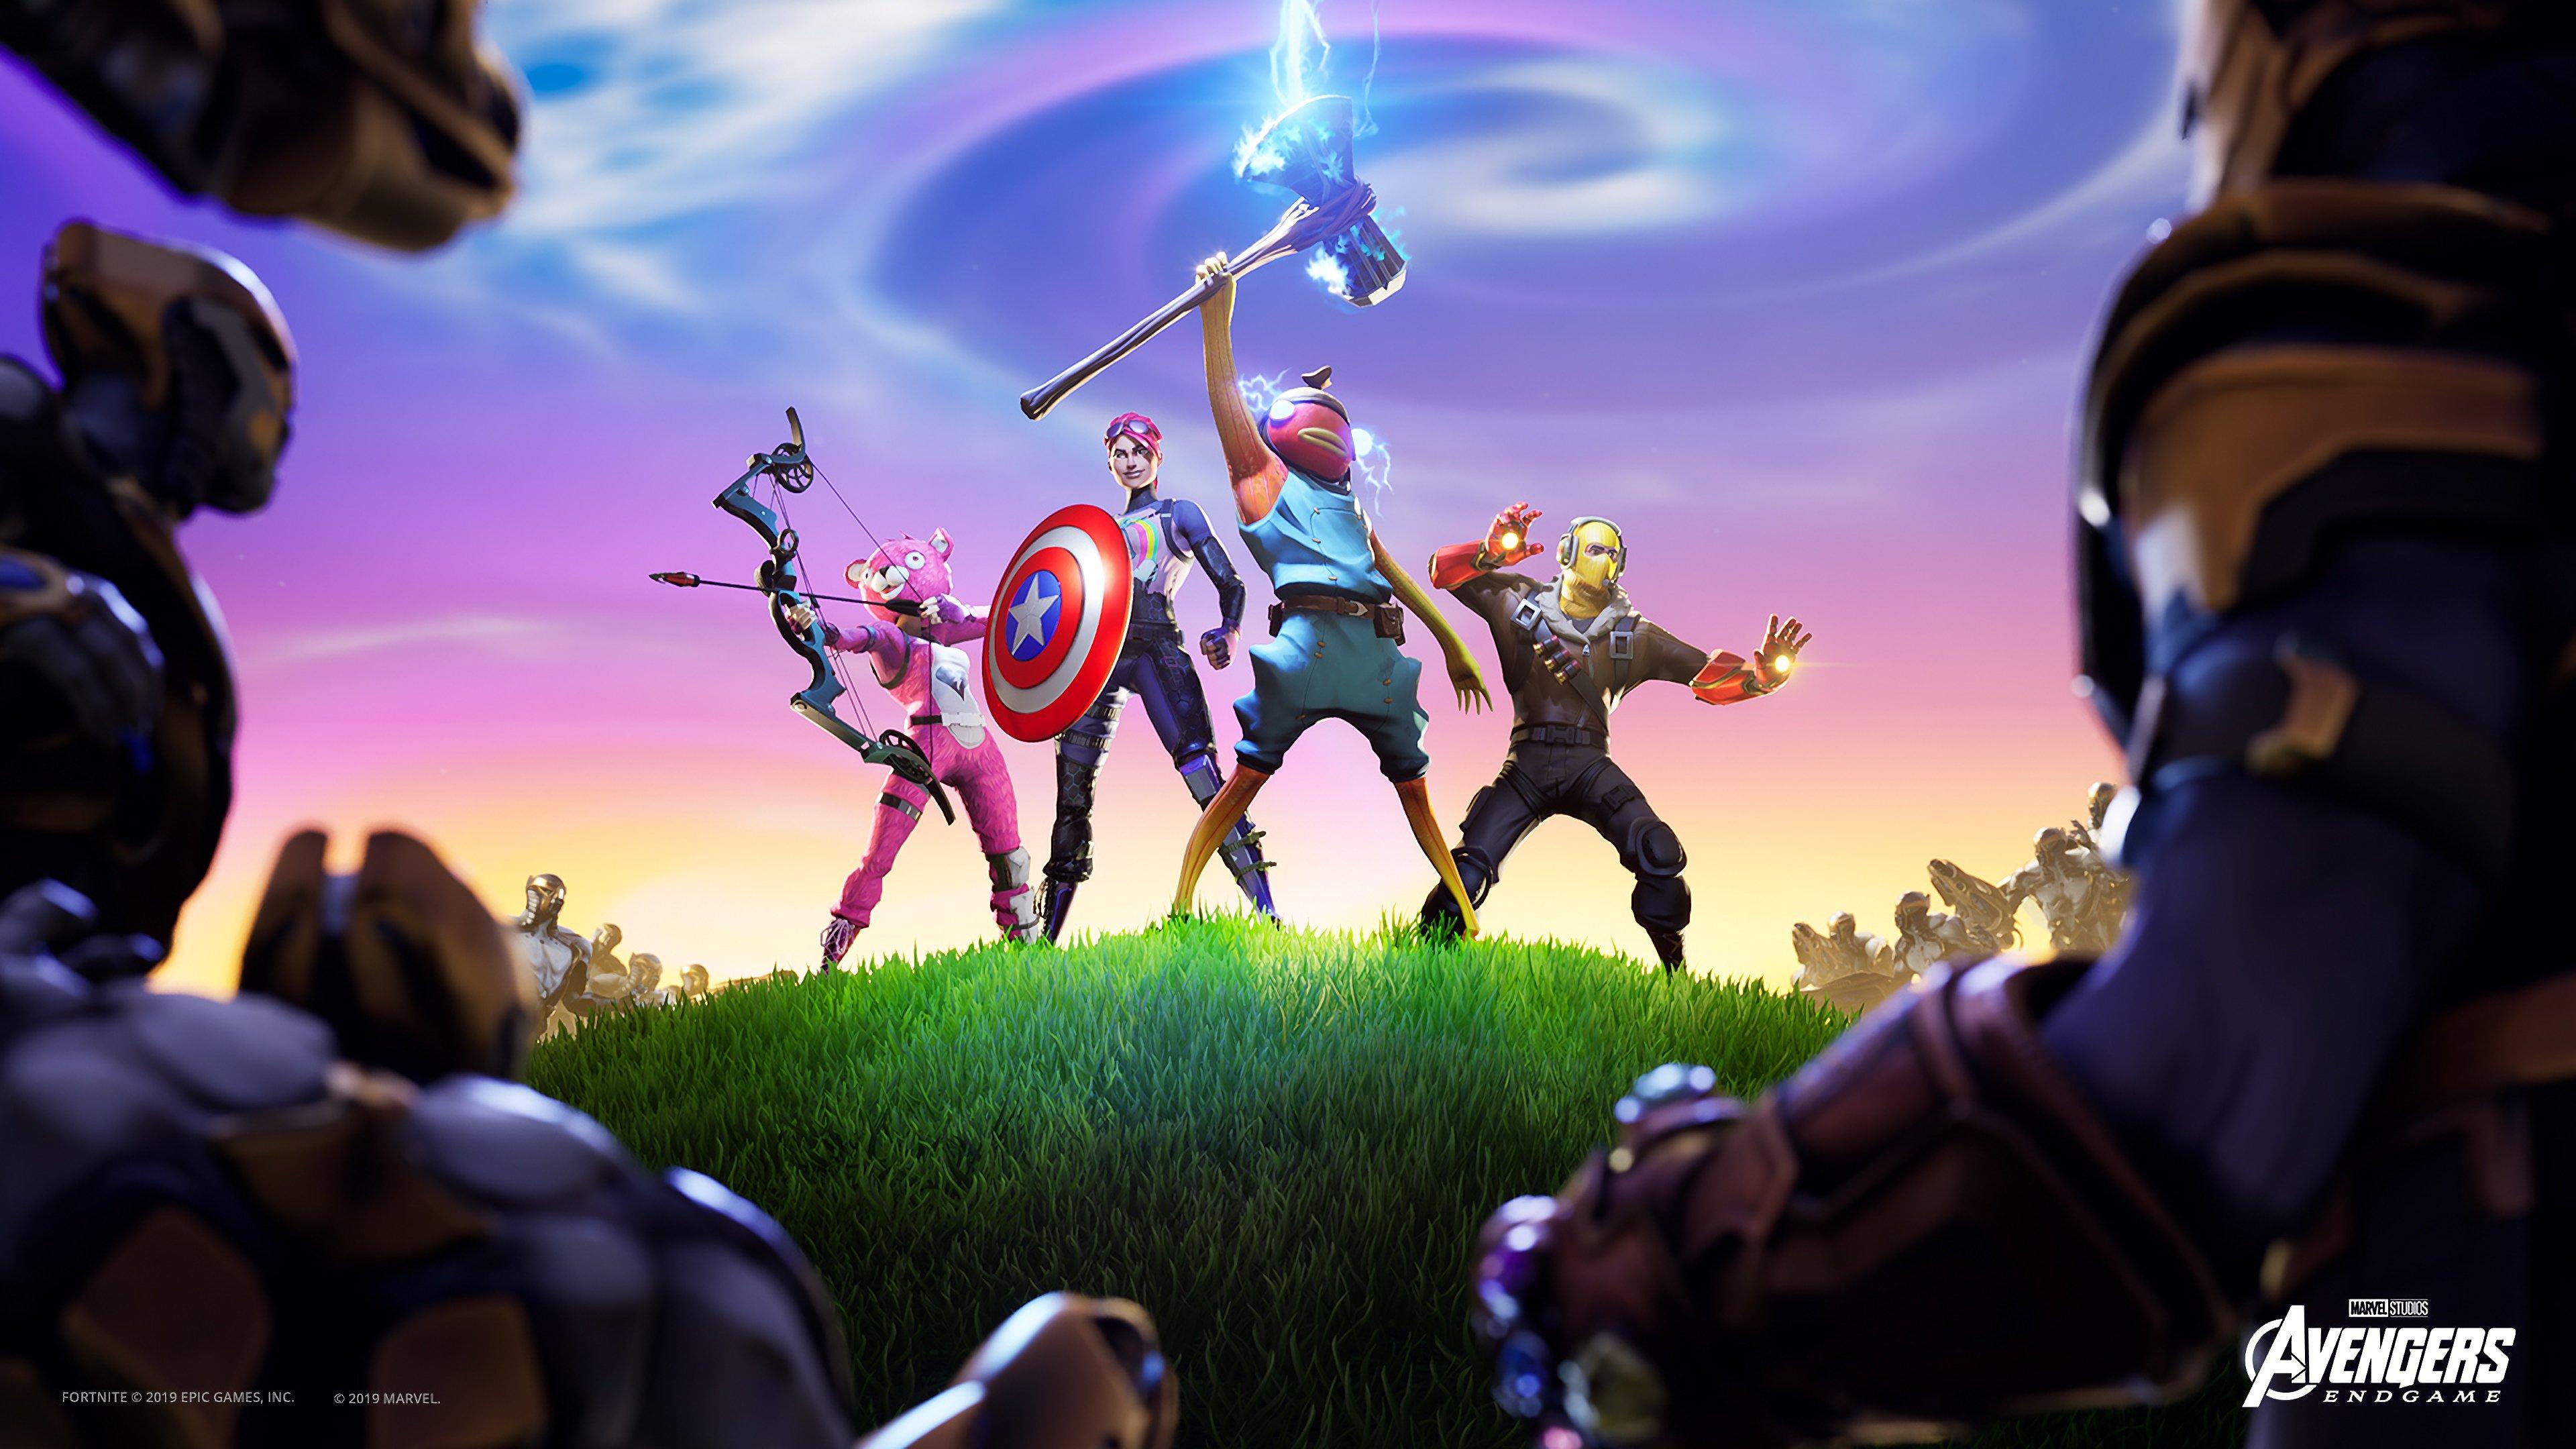 Fondos de pantalla Fortnite X Avengers Stormbreaker